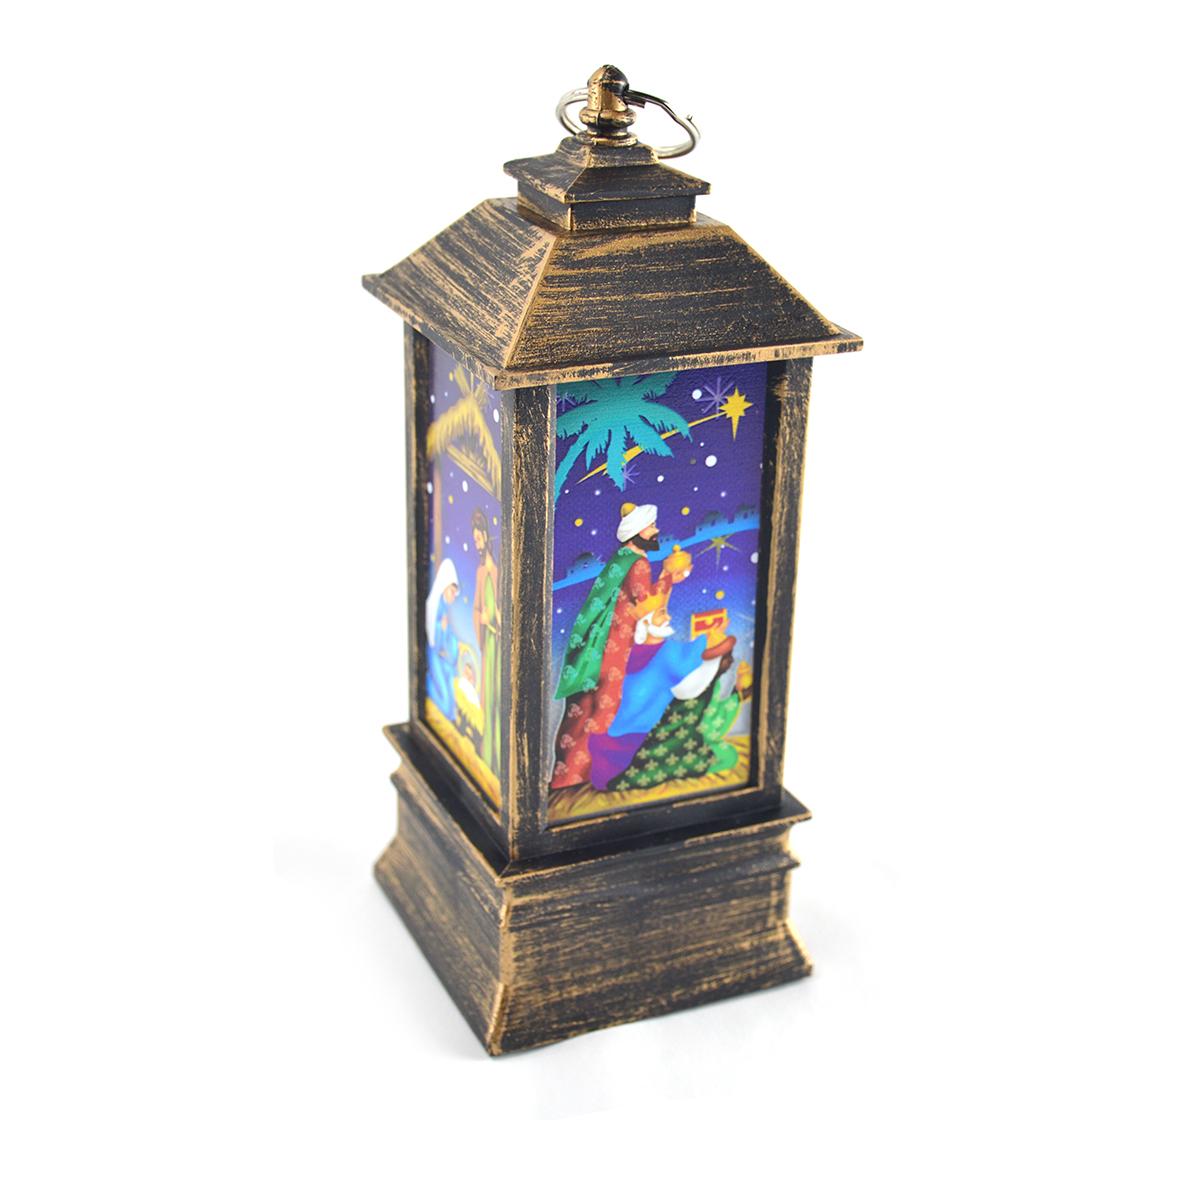 Felinar led decor vintage cu decoratiuni Craciun model 2 - ambalaje si accesorii florale